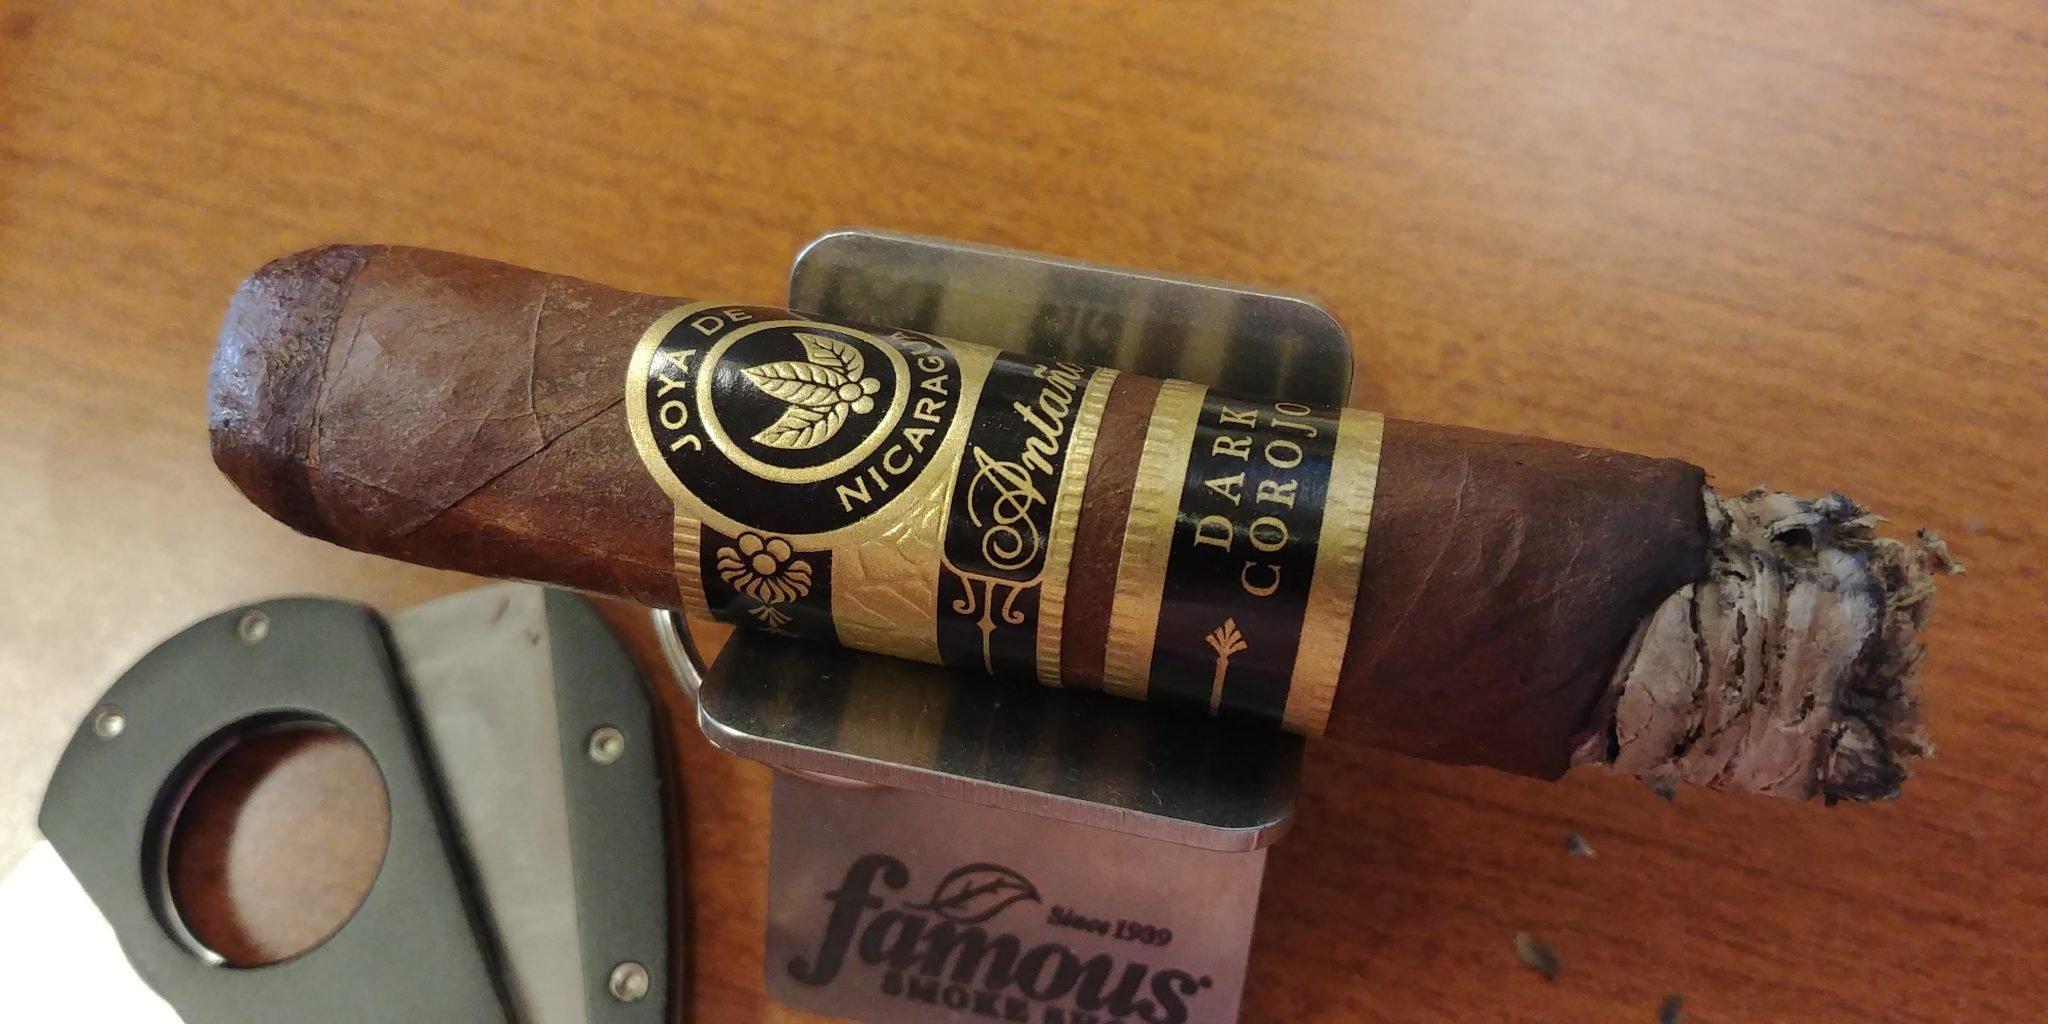 Joya de Nicaragua cigars guide joya de nicaragua jdn antano dark corojo cigar review by John Pullo